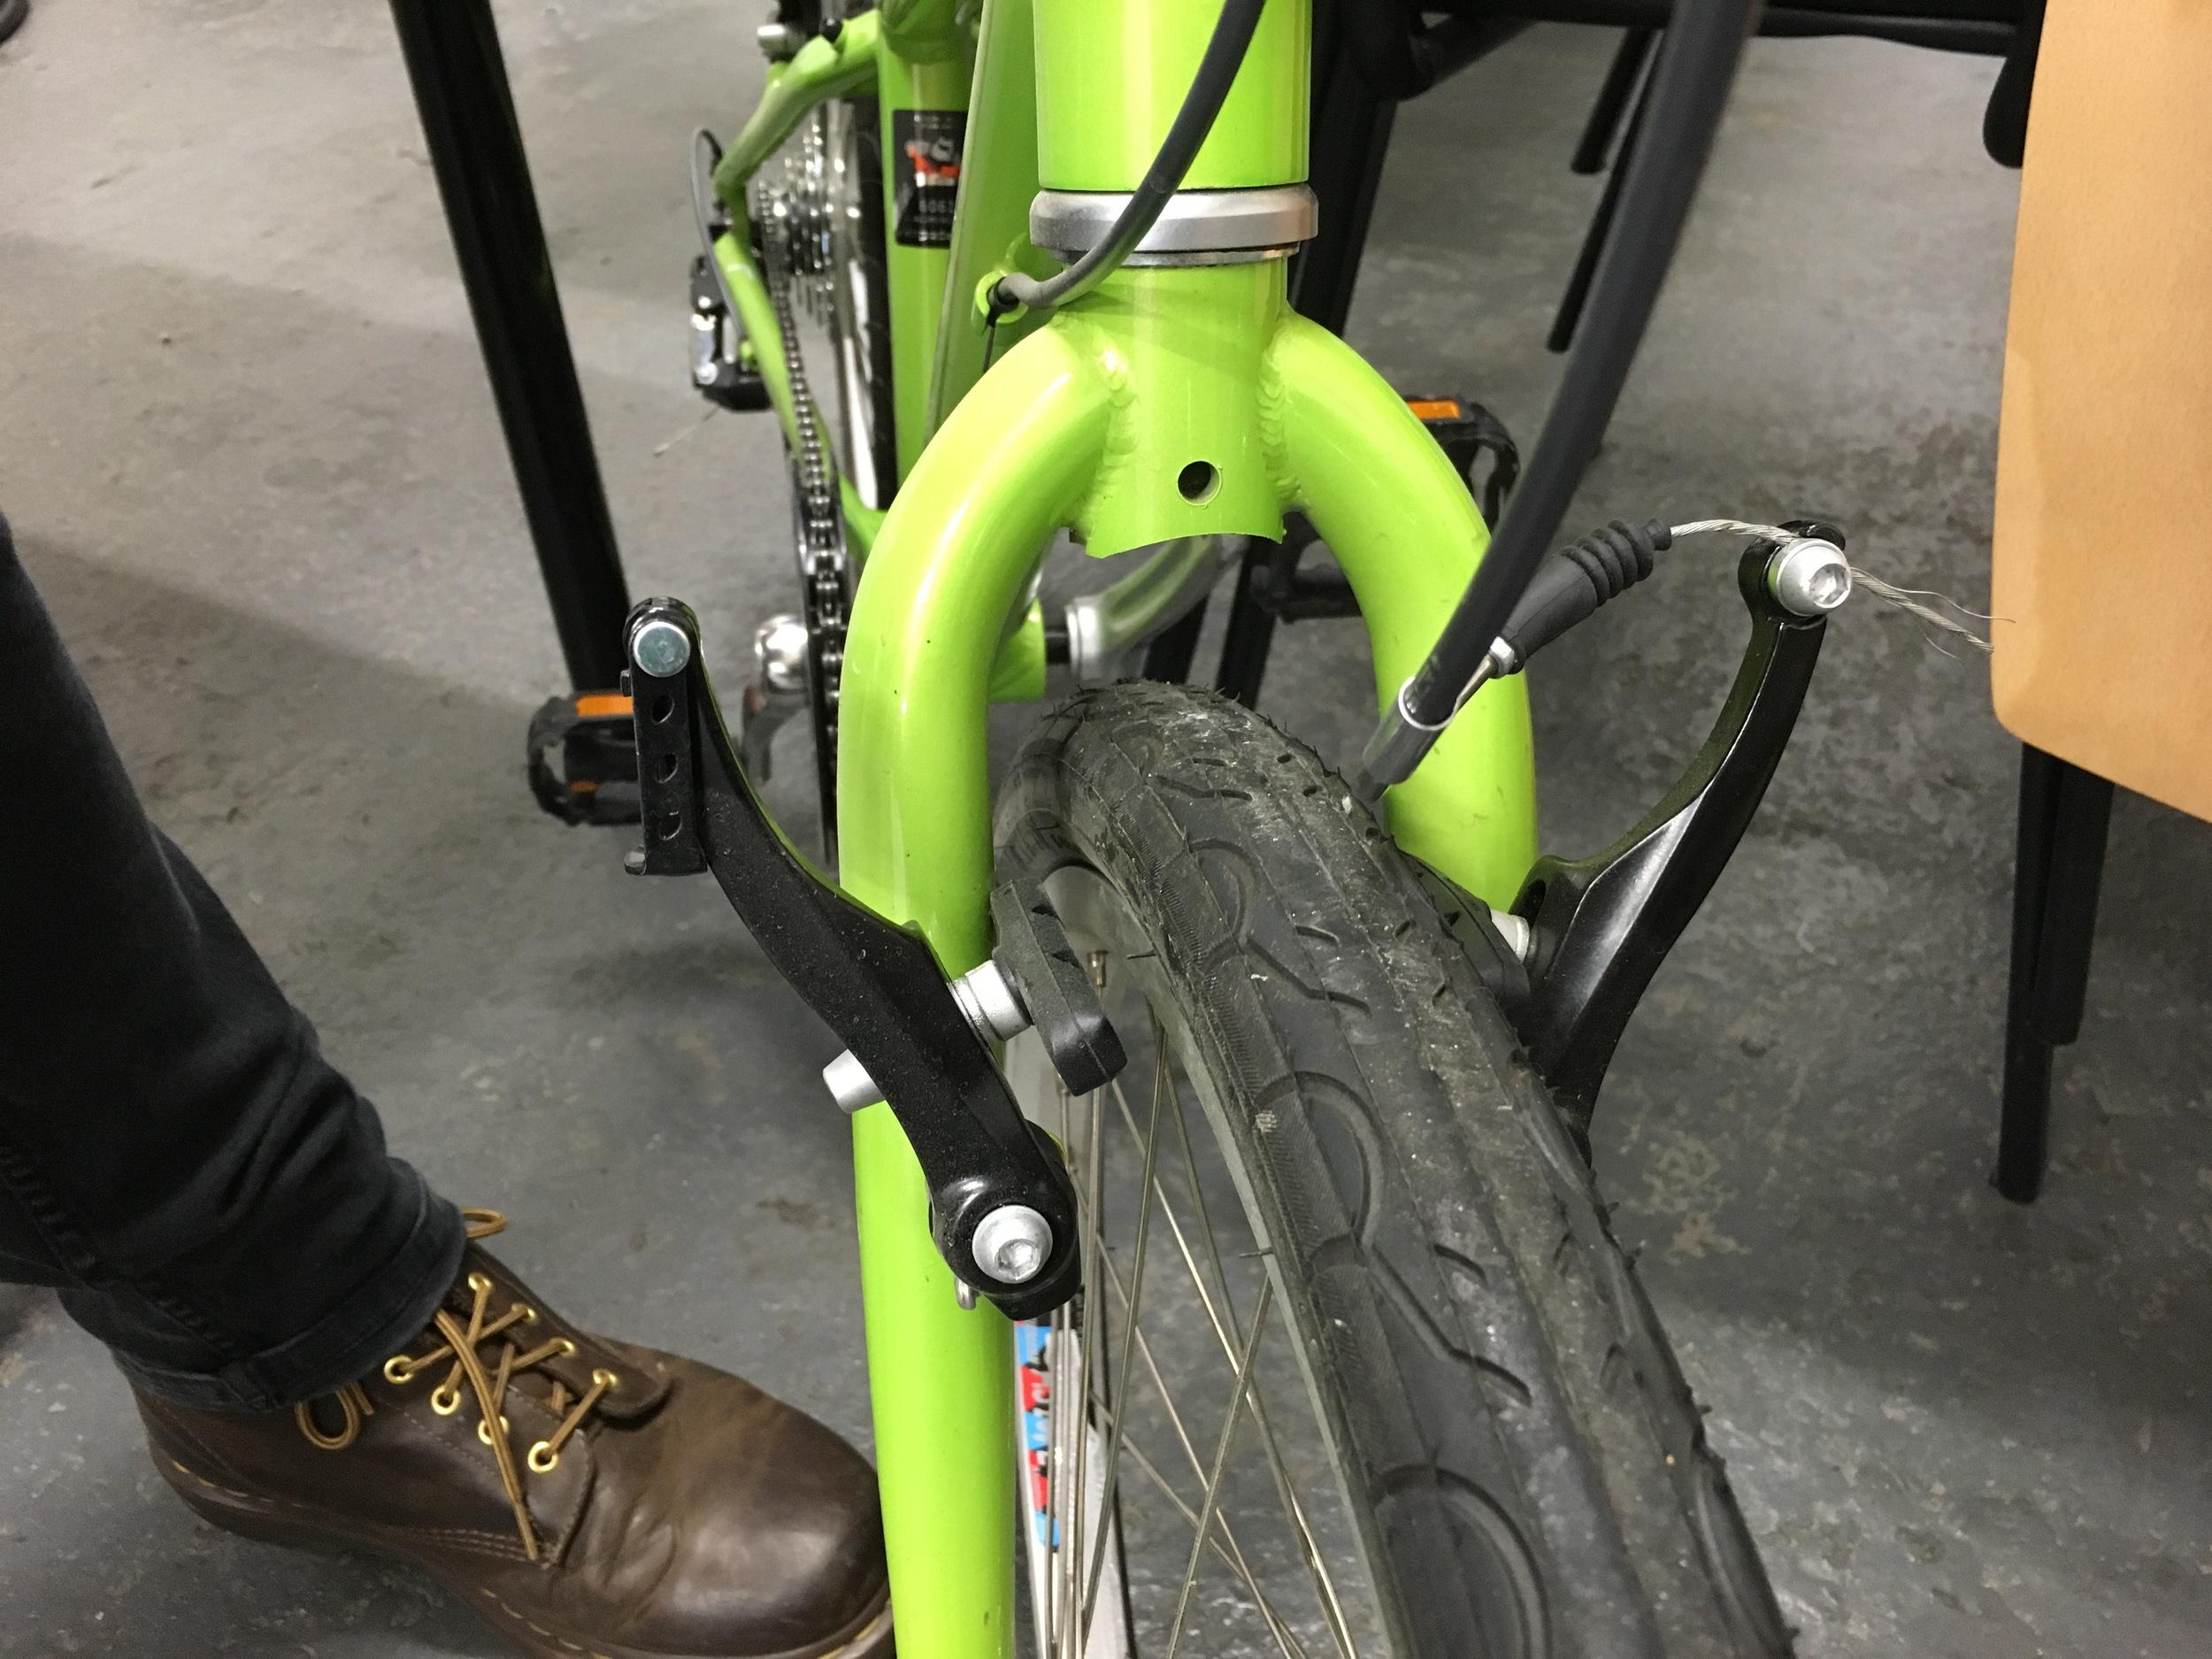 V brakes pull apart